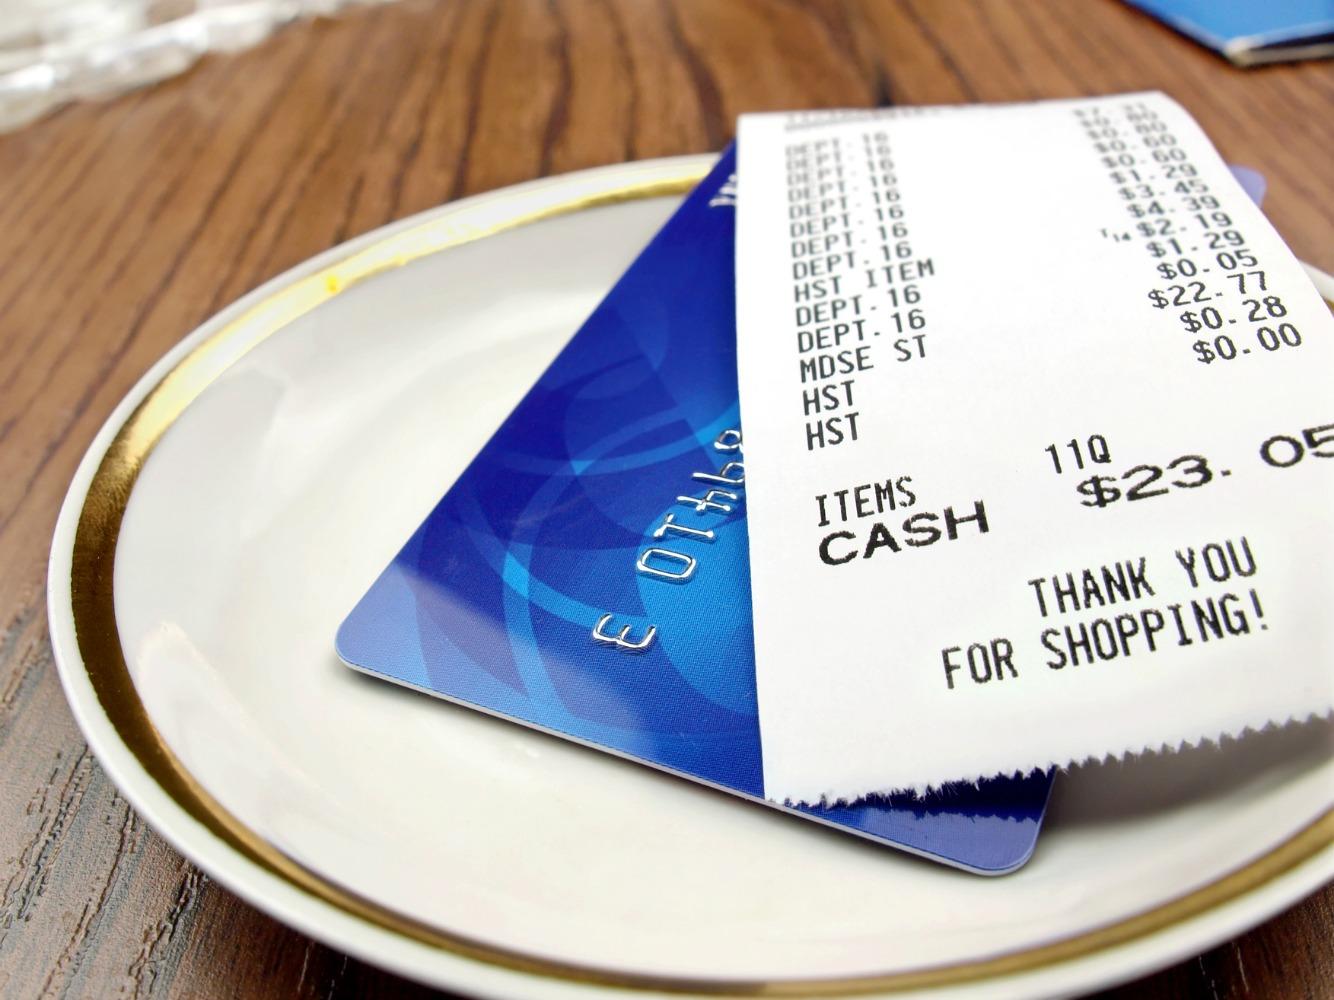 クレジットカードと領収書